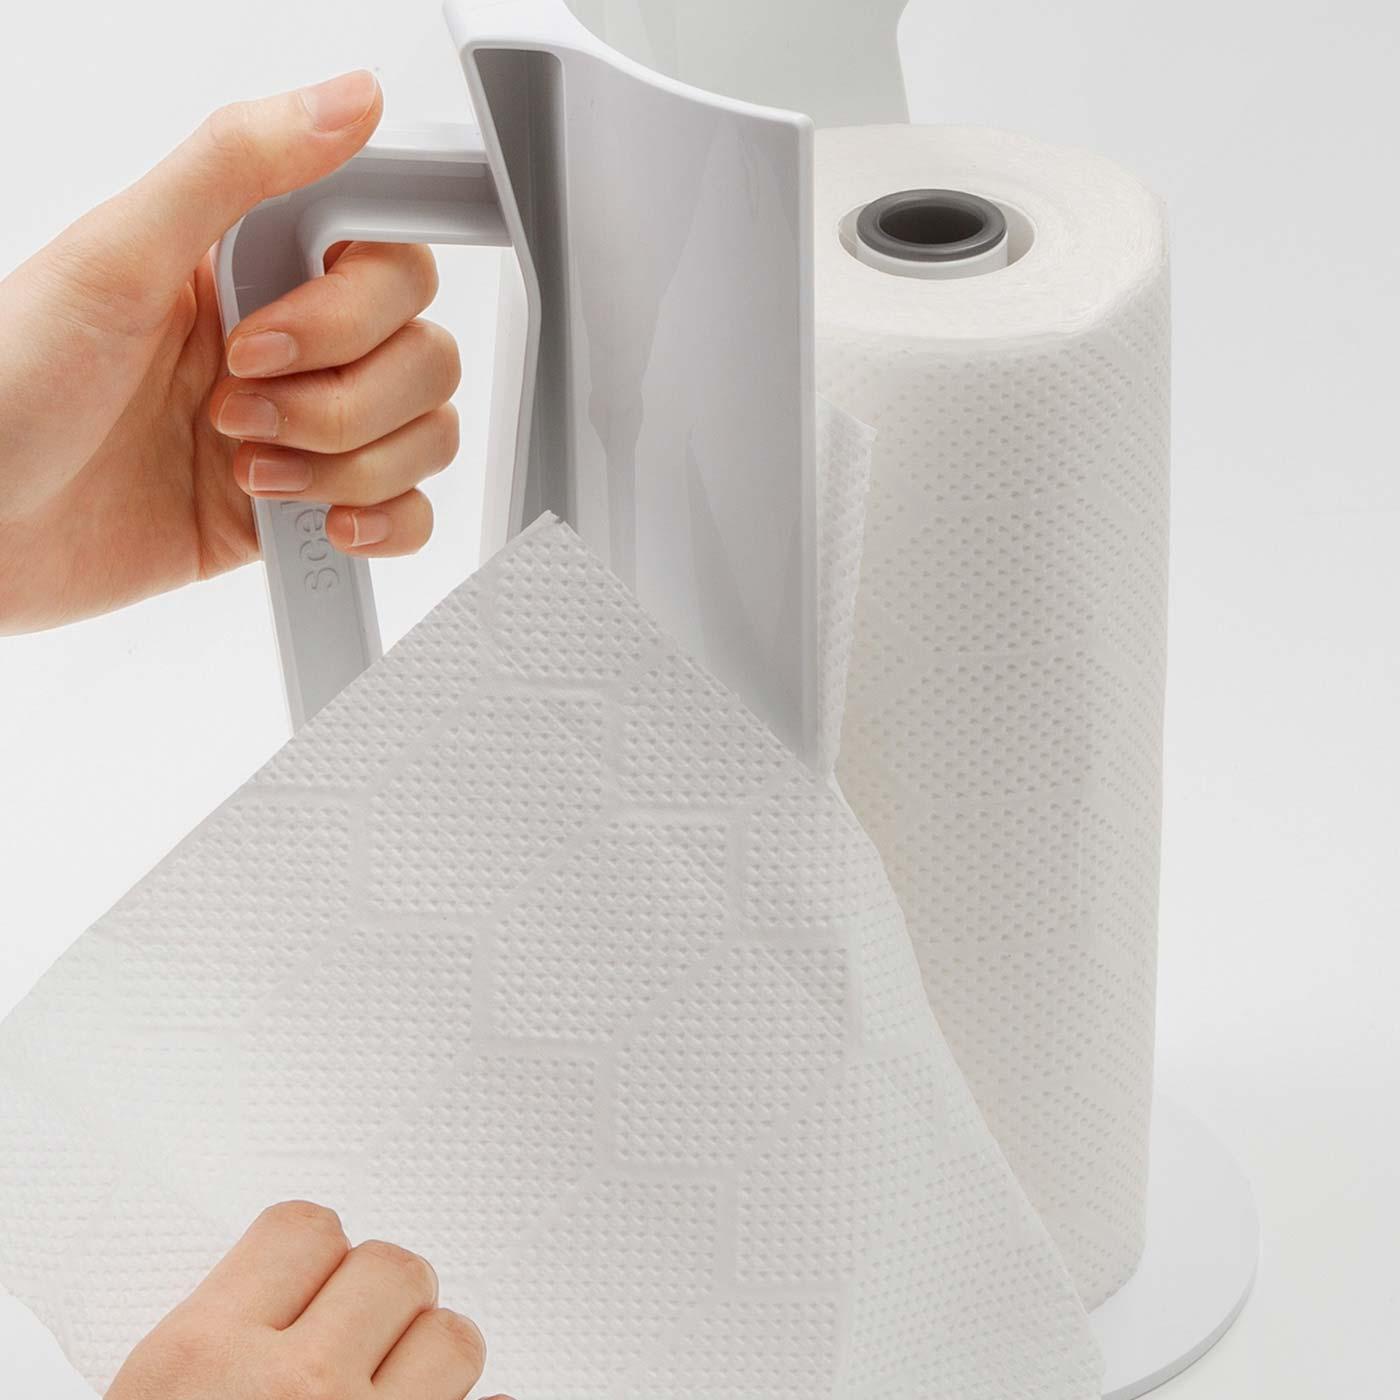 持ち手でらくらくペーパーカット。ハンドルはキッチンペーパーを切る時に押さえやすく、移動の際にも役立ちます。